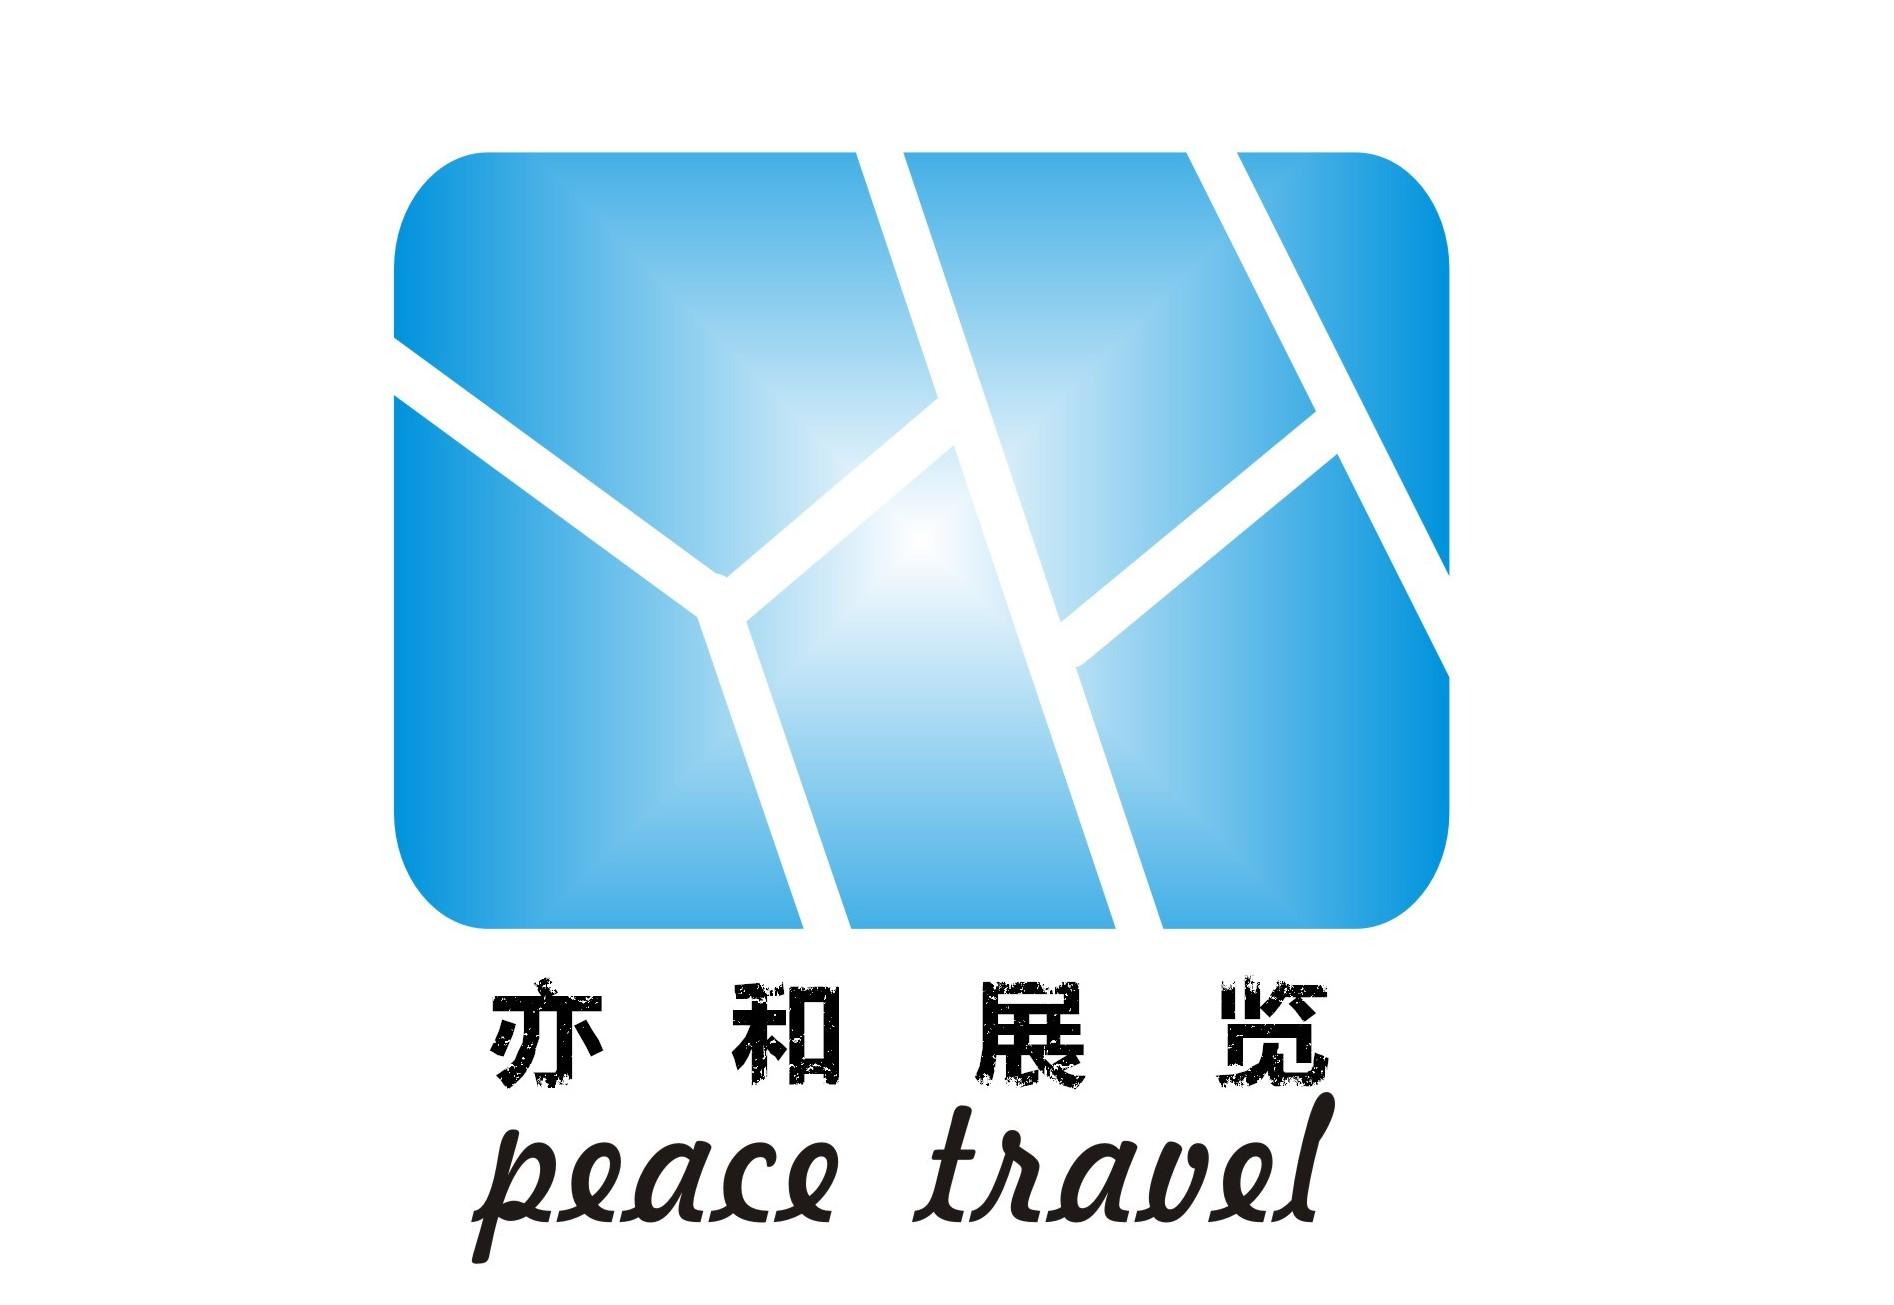 上海亦和展覽服務有限公司